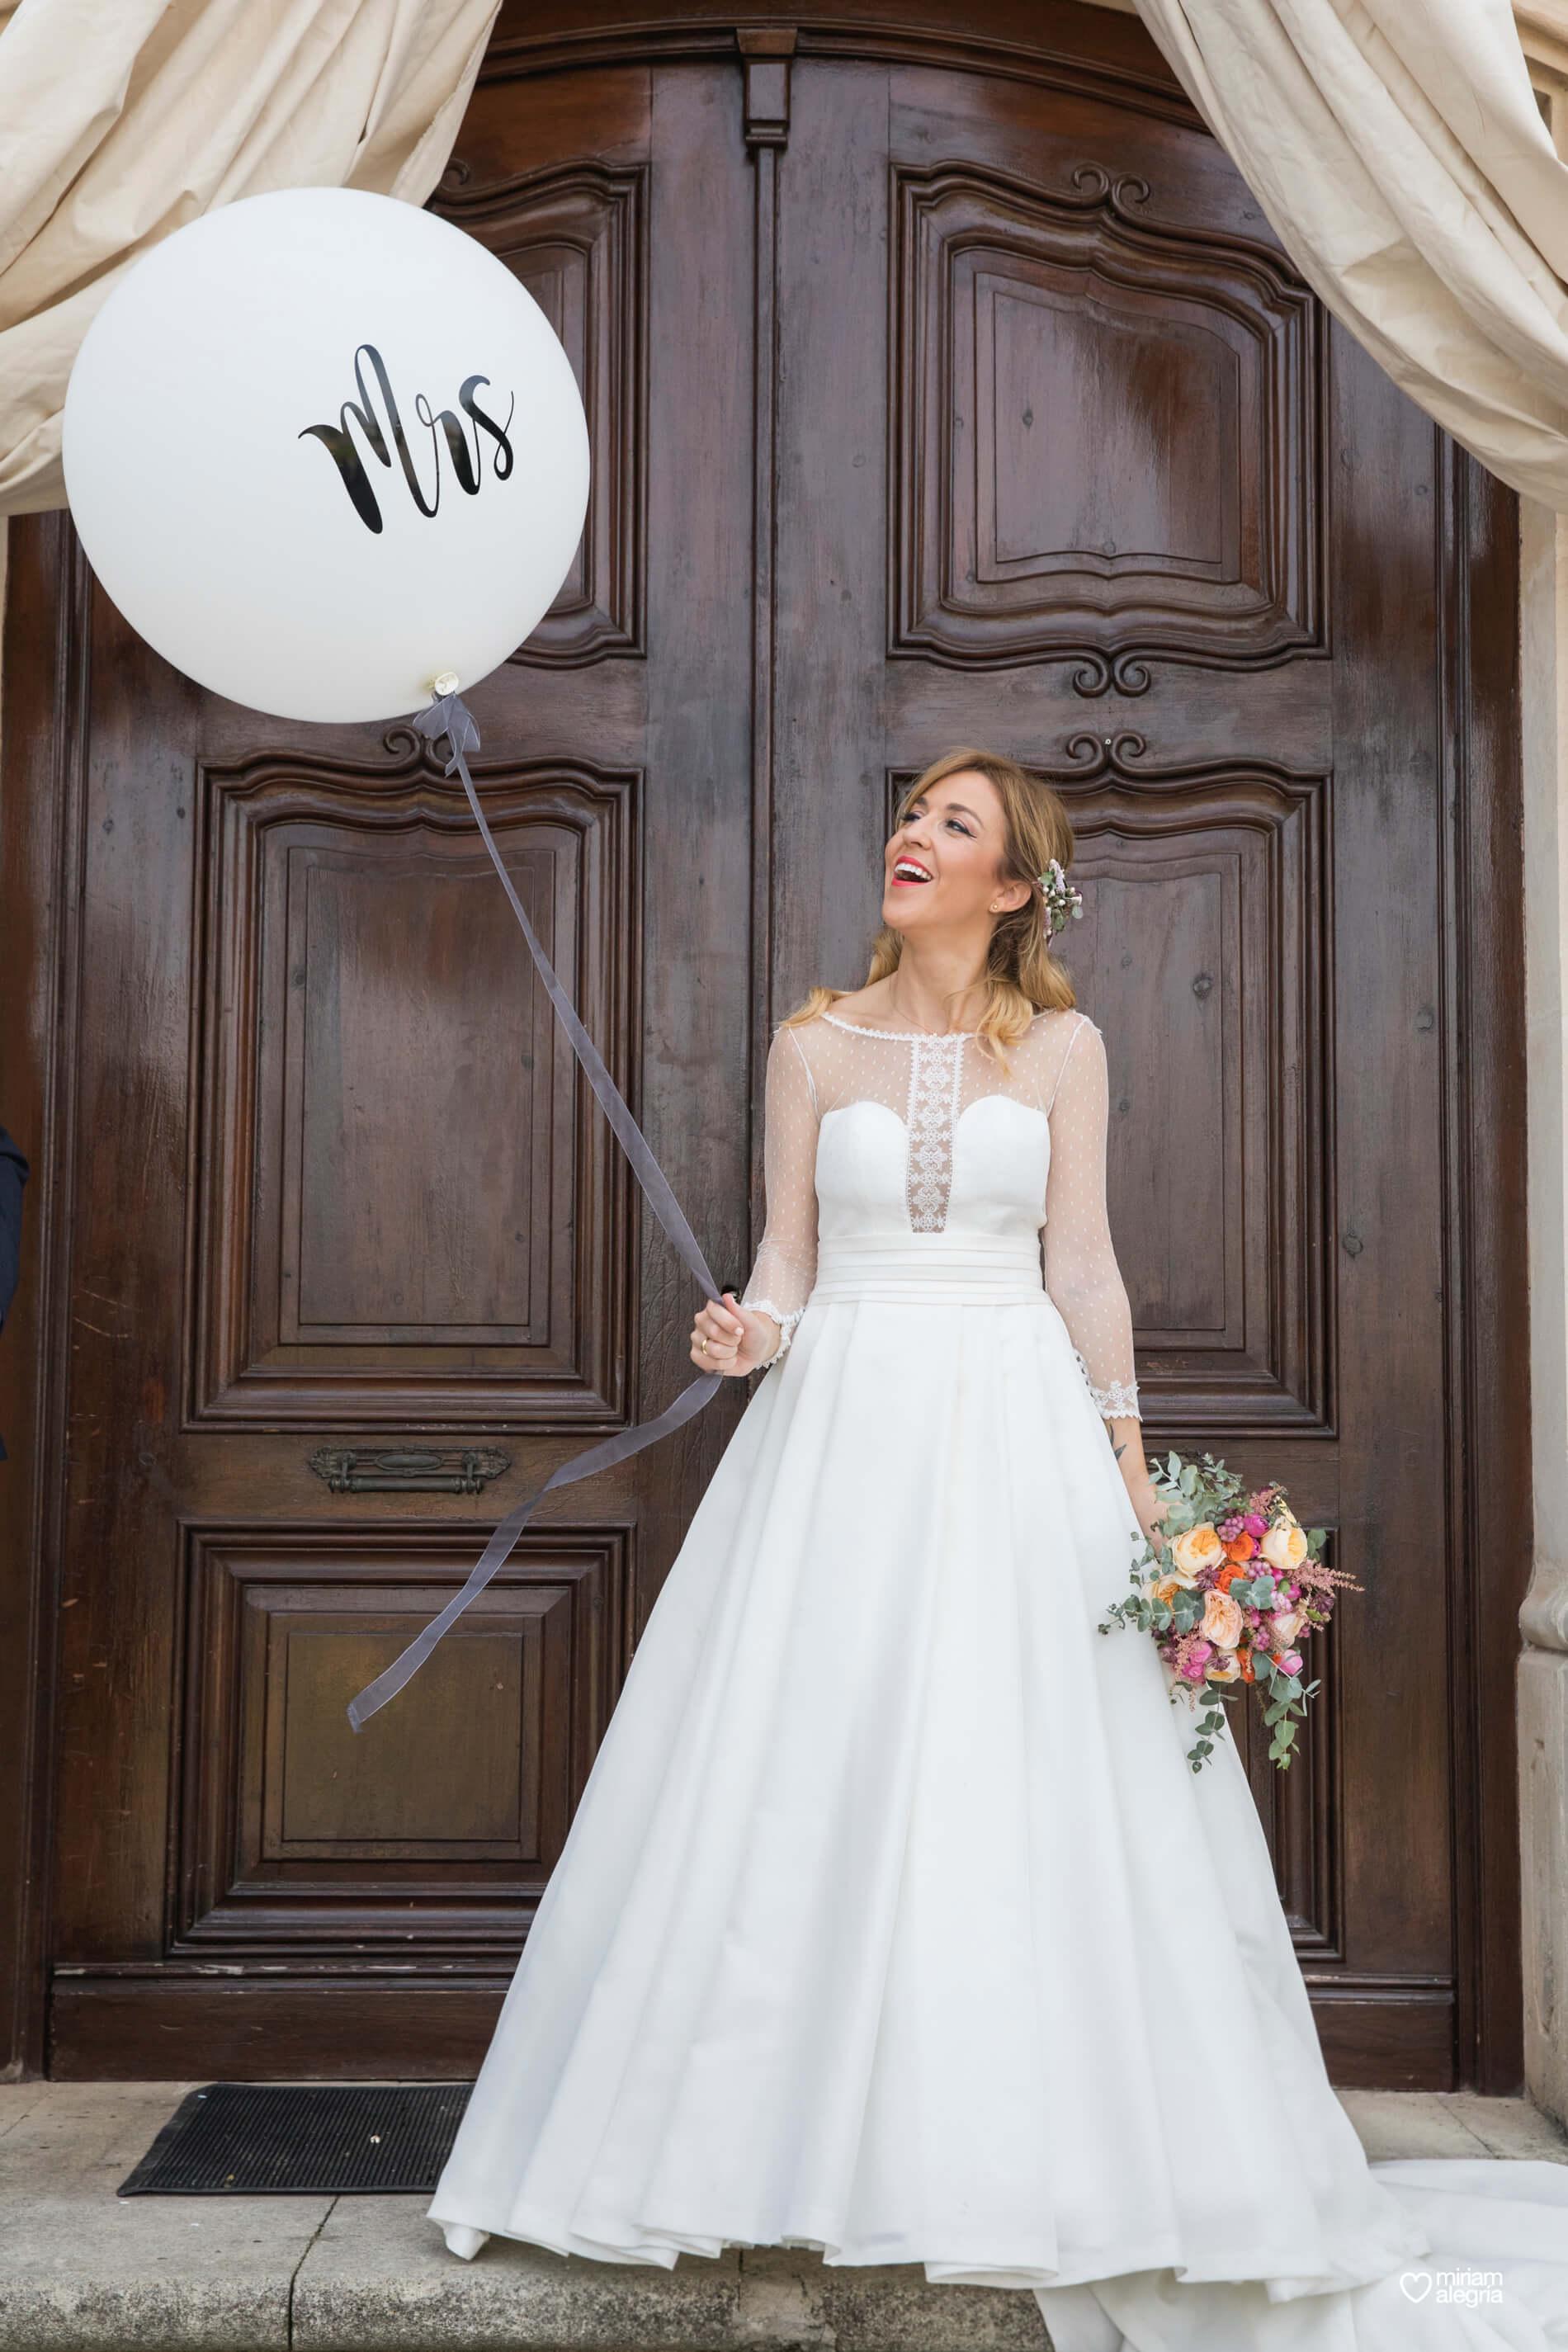 boda-en-finca-villa-vera-de-alemc7-miriam-alegria-fotografos-boda-murcia-106